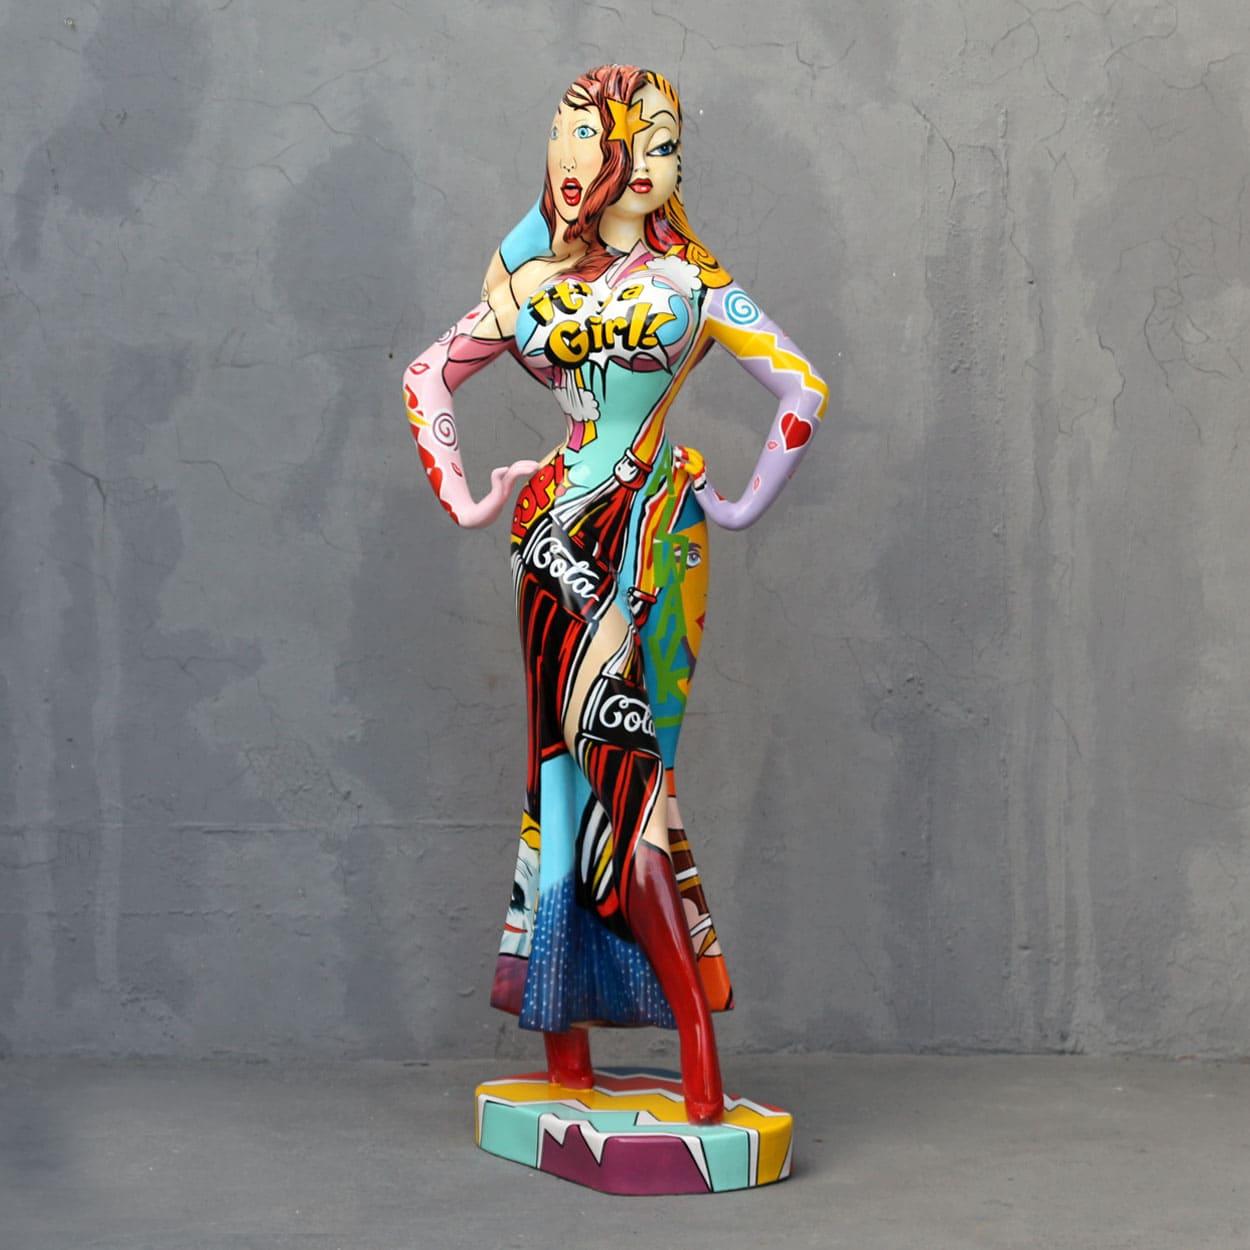 פסל של גאסיקה ראביט בפופ ארט